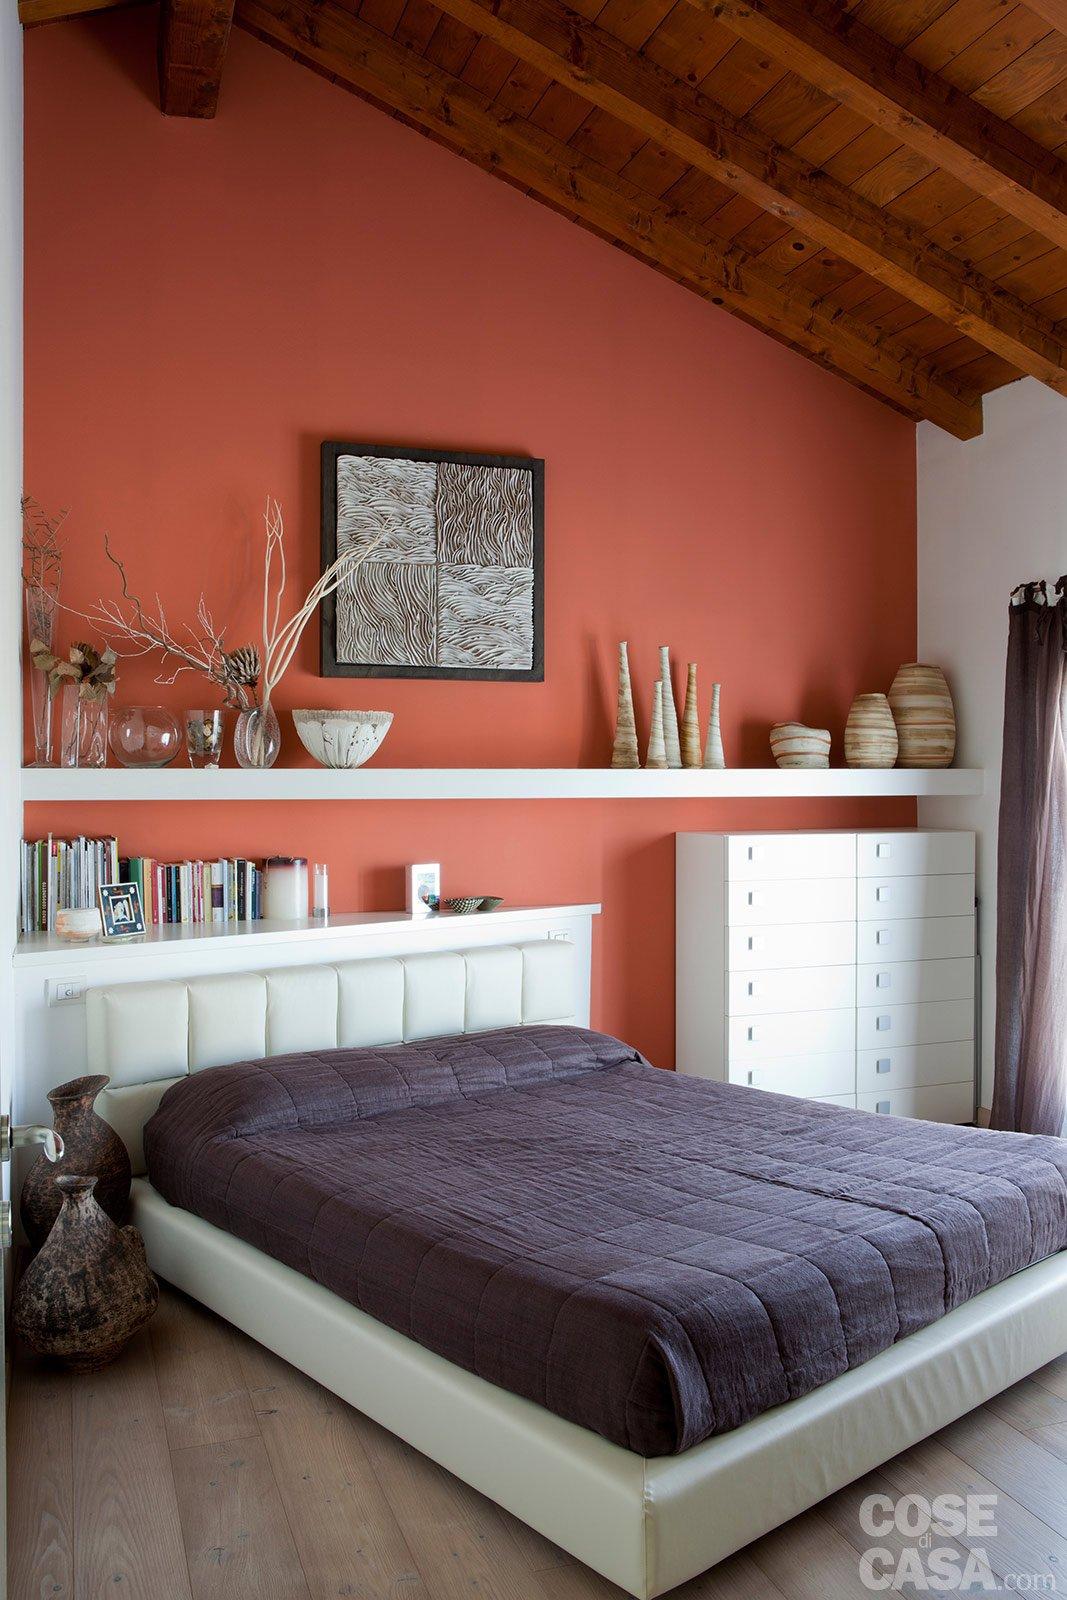 L 39 ex cascina diventa casa cose di casa - Camera da letto sottotetto ...